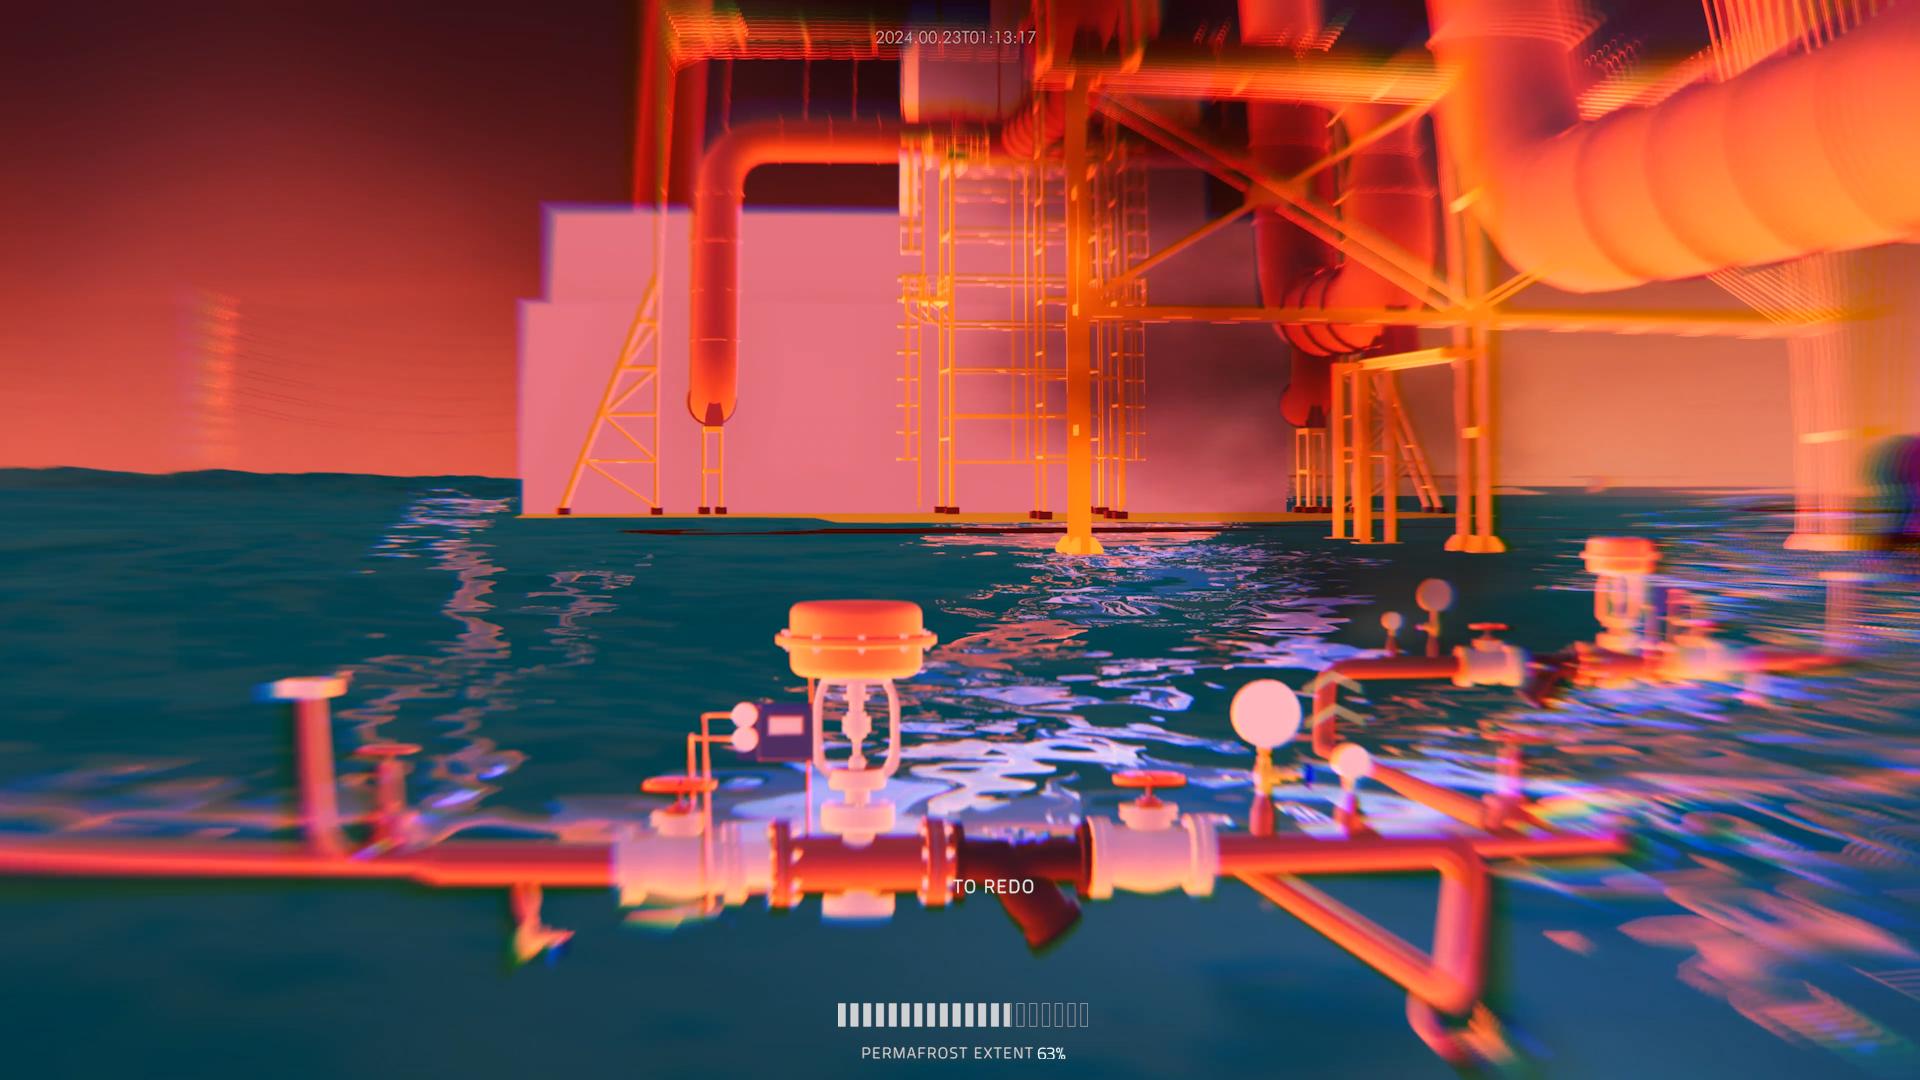 gameplay still